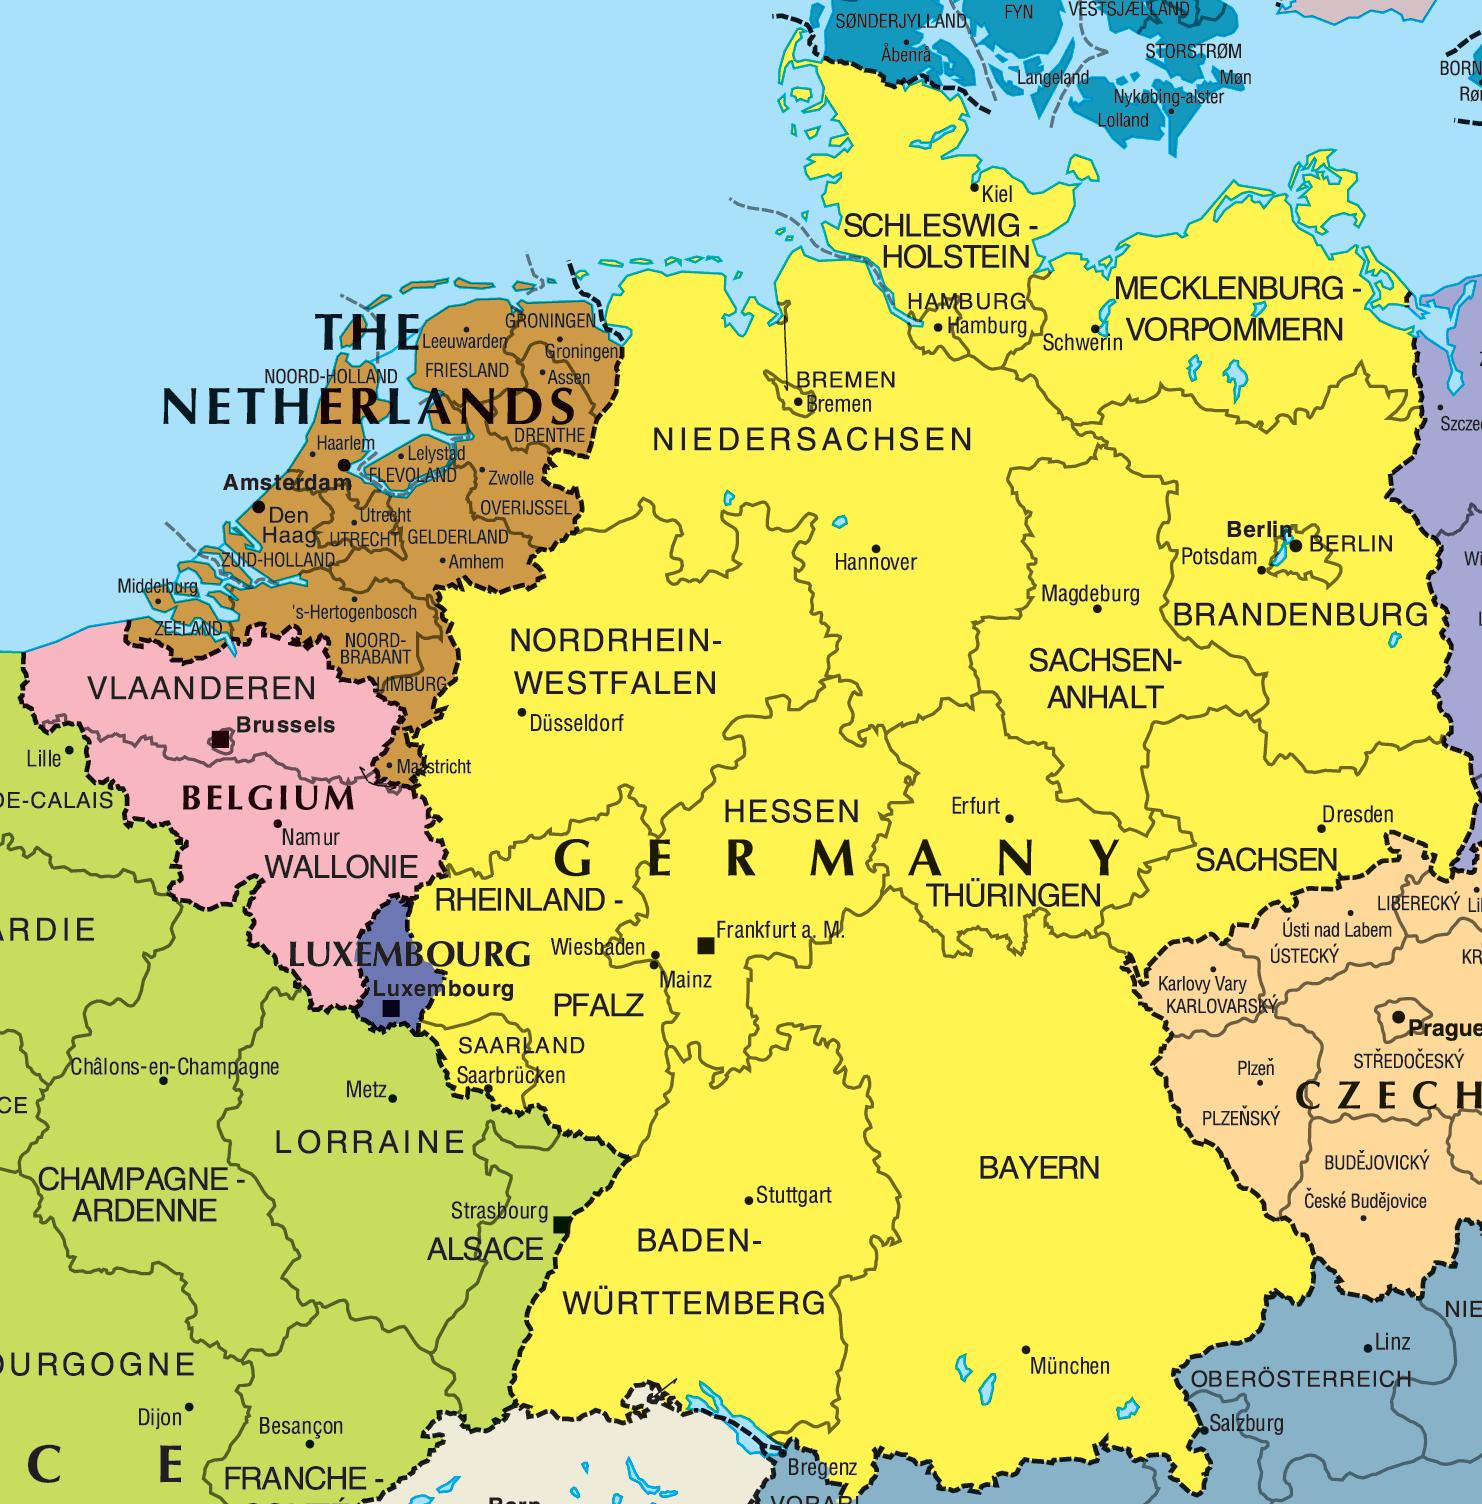 خريطة المانيا بالعربية Kharita Blog